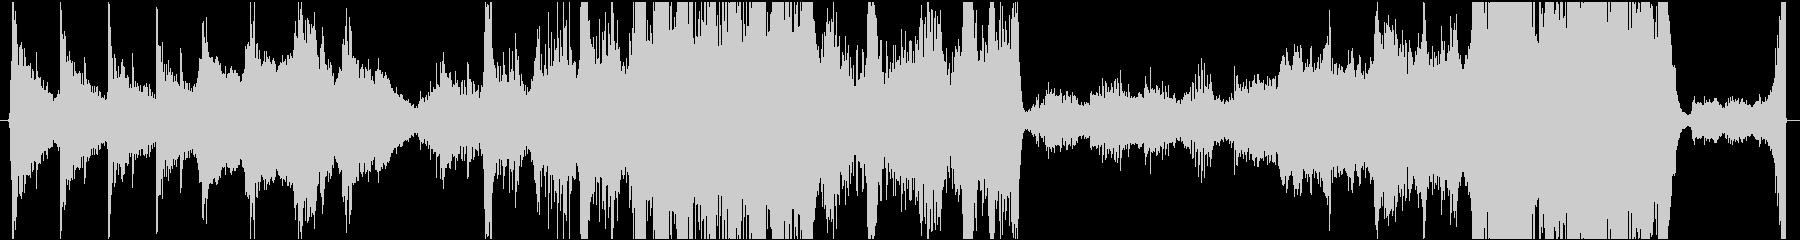 現代的 交響曲 アンビエント ファ...の未再生の波形